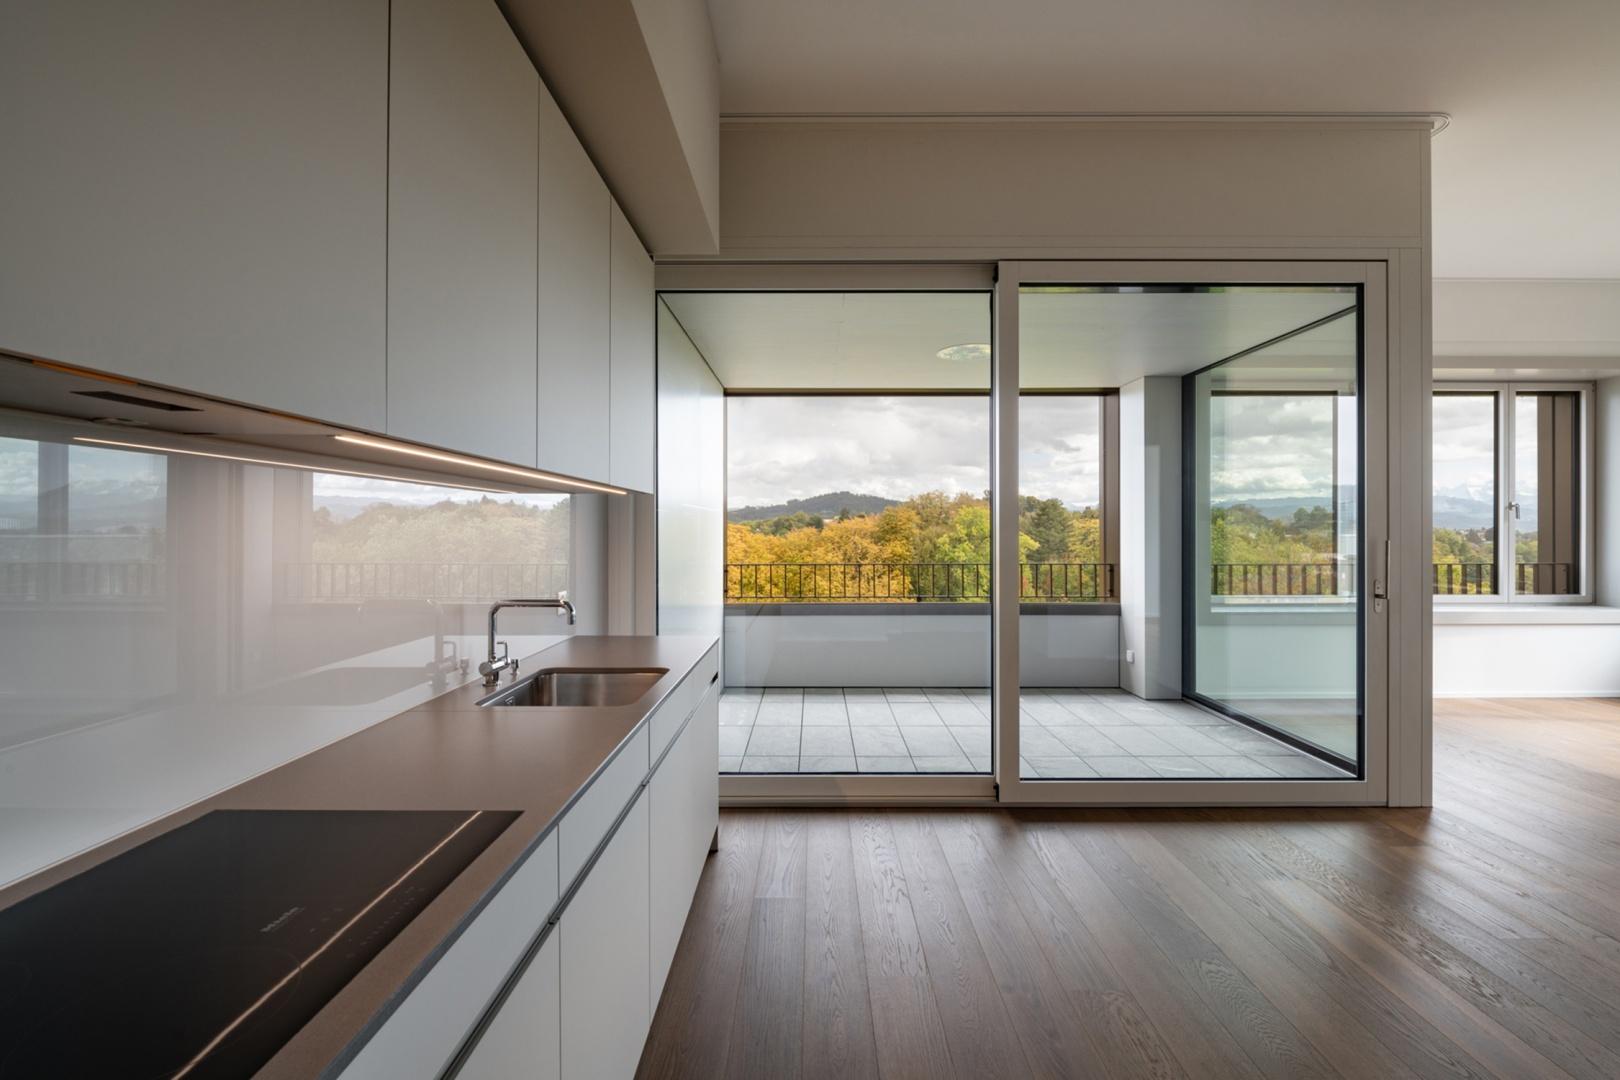 Wohnung Loggia © Rob Lewis Photography, Wasserwerkgasse 29, 3011 Bern